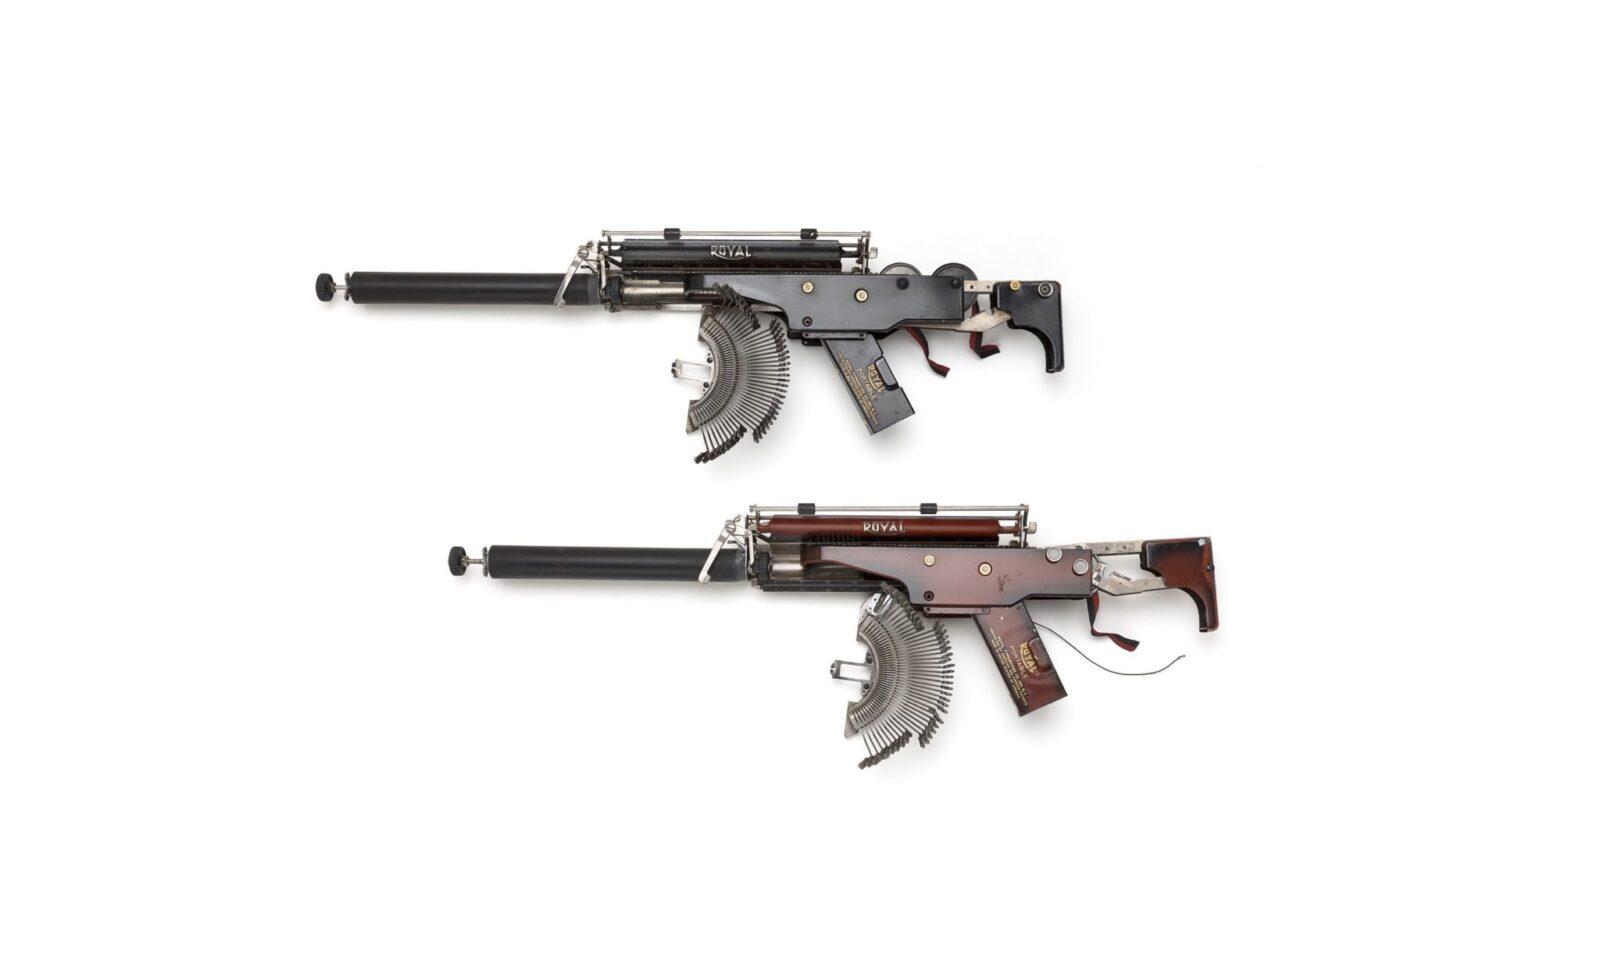 Typewriter Guns 10 1600x957 - Typewriter Guns